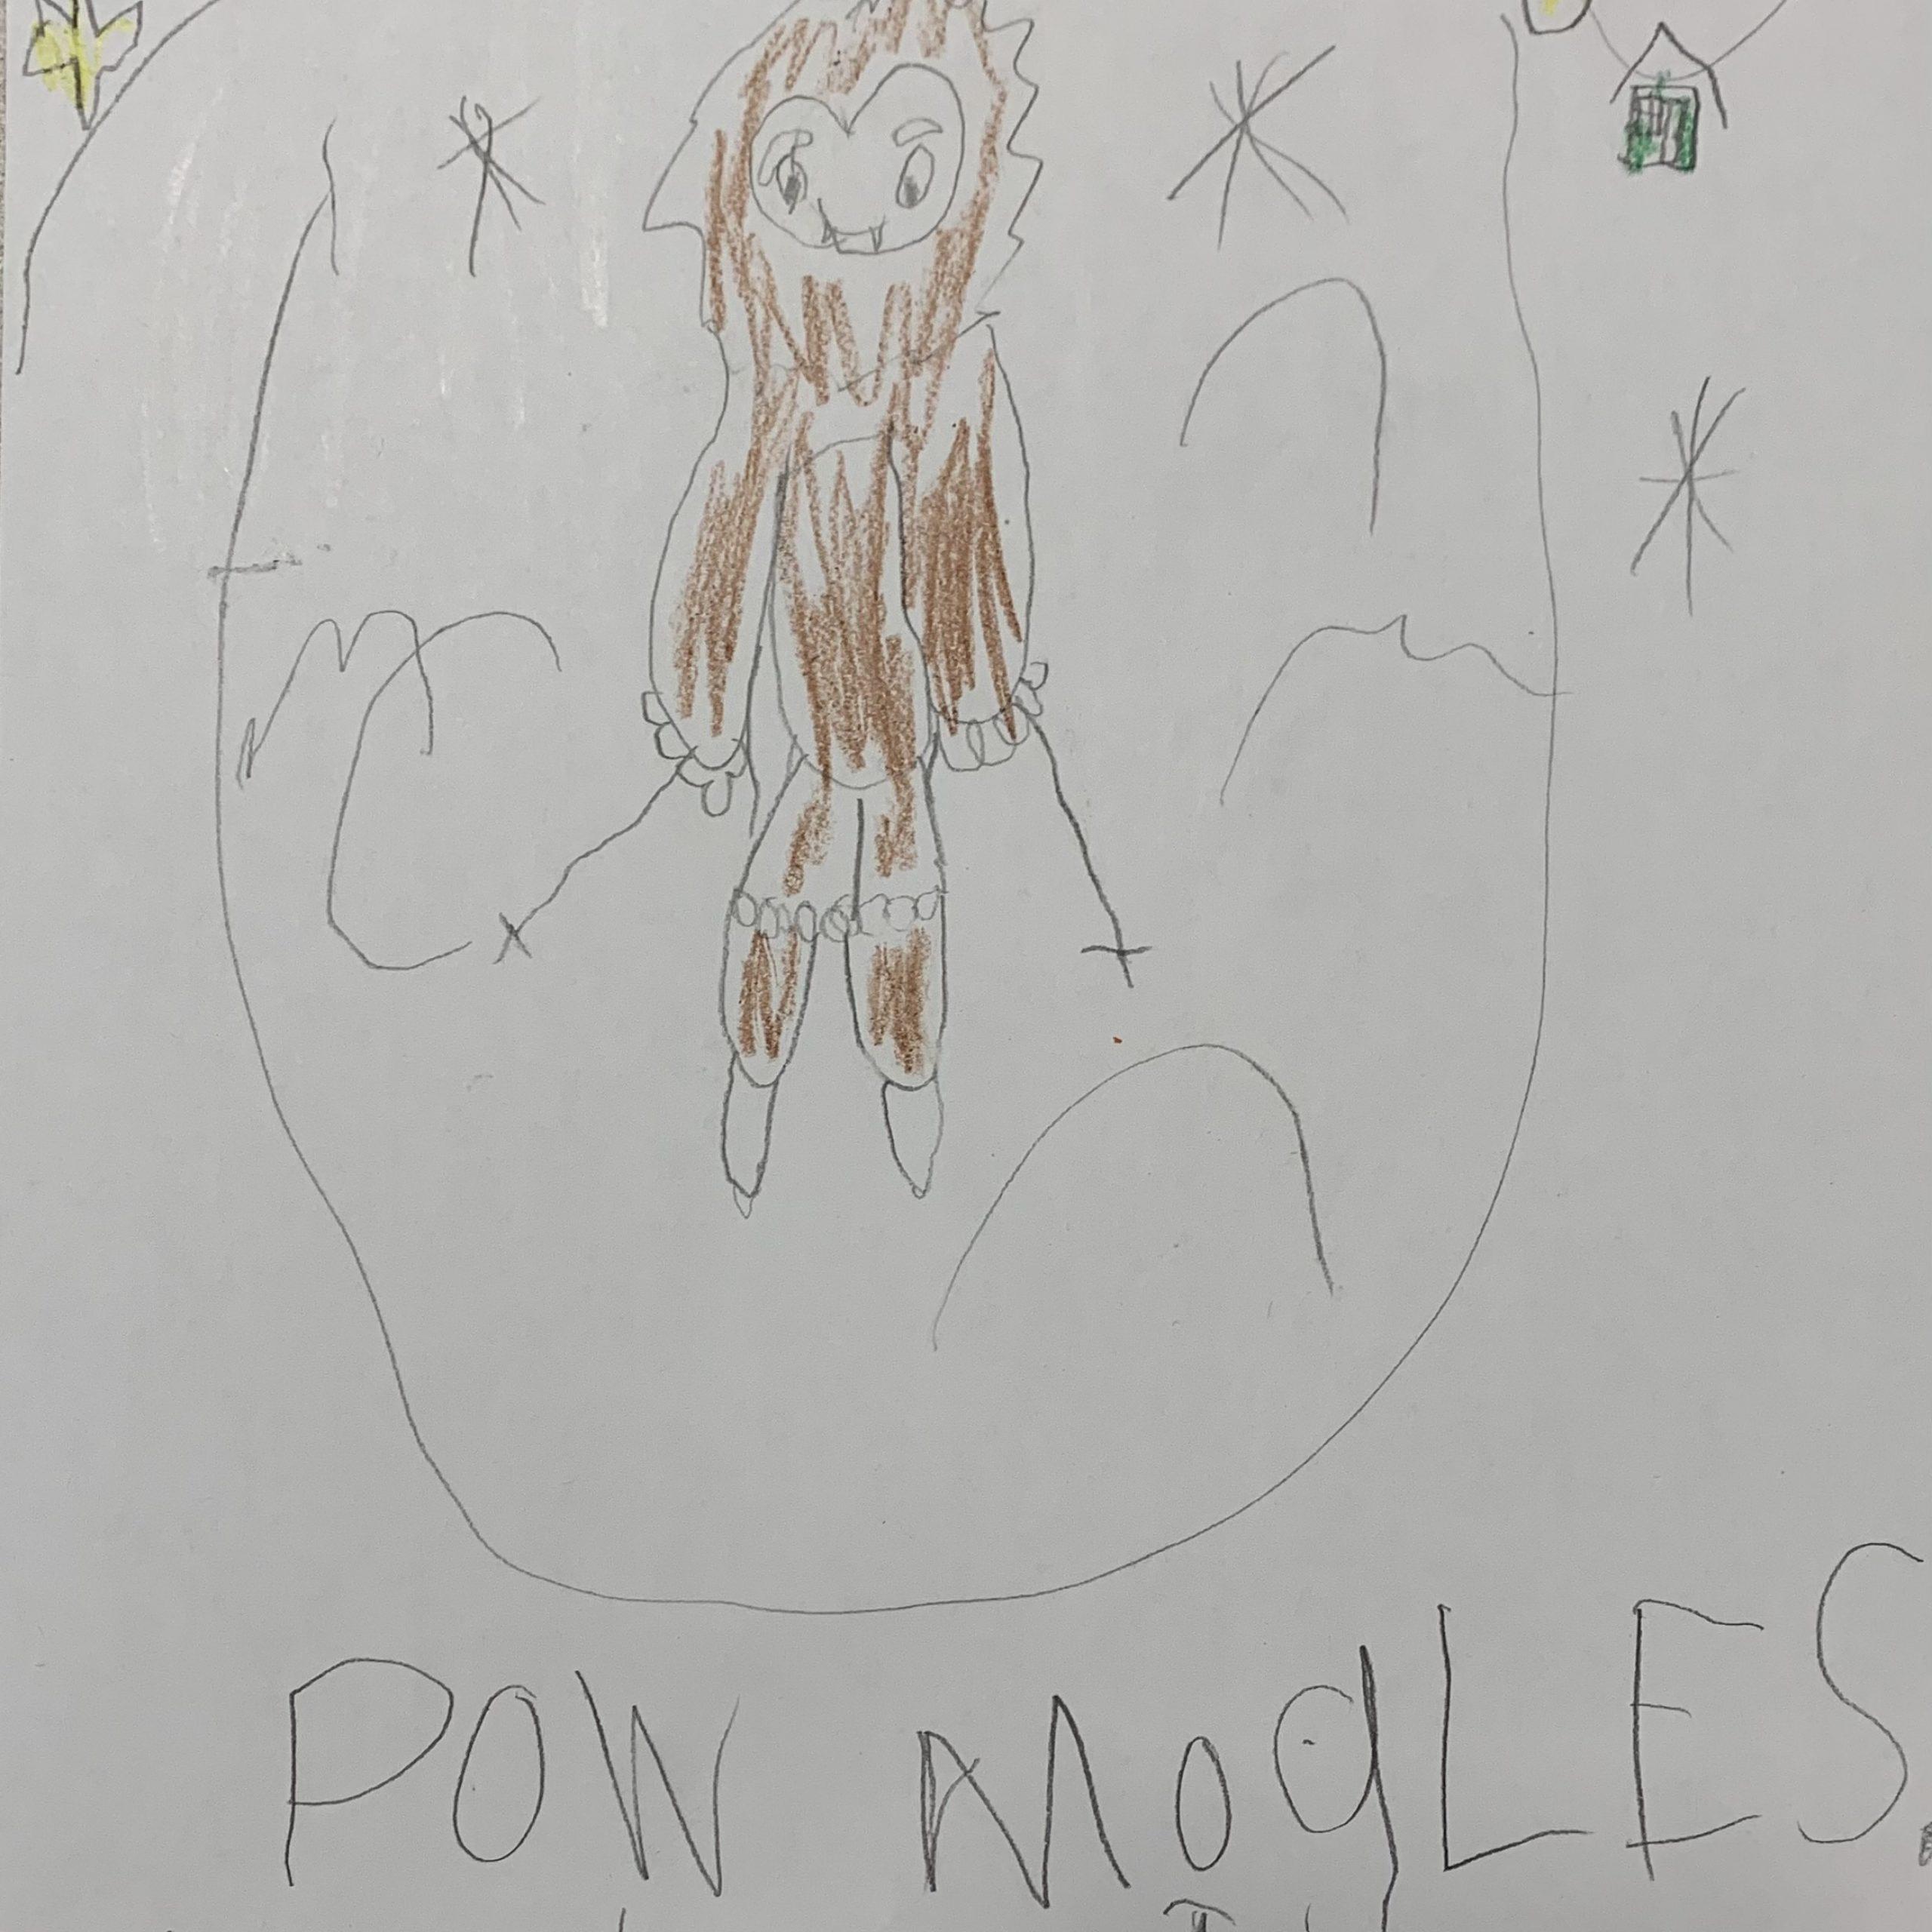 pow mogles with yeti odin m